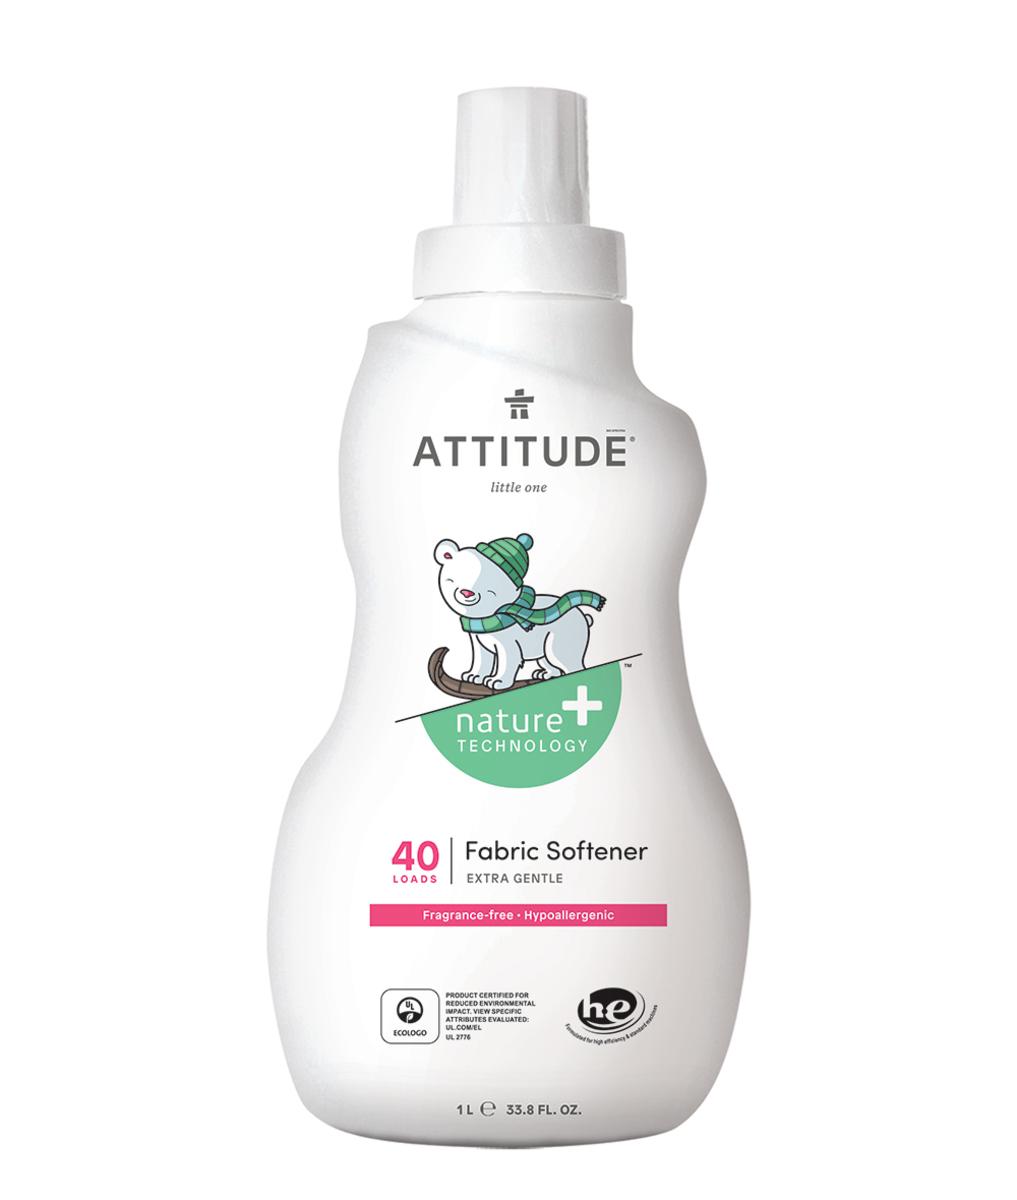 嬰孩濃縮衣物柔軟劑 1L 無香 (Nature + Technology™)